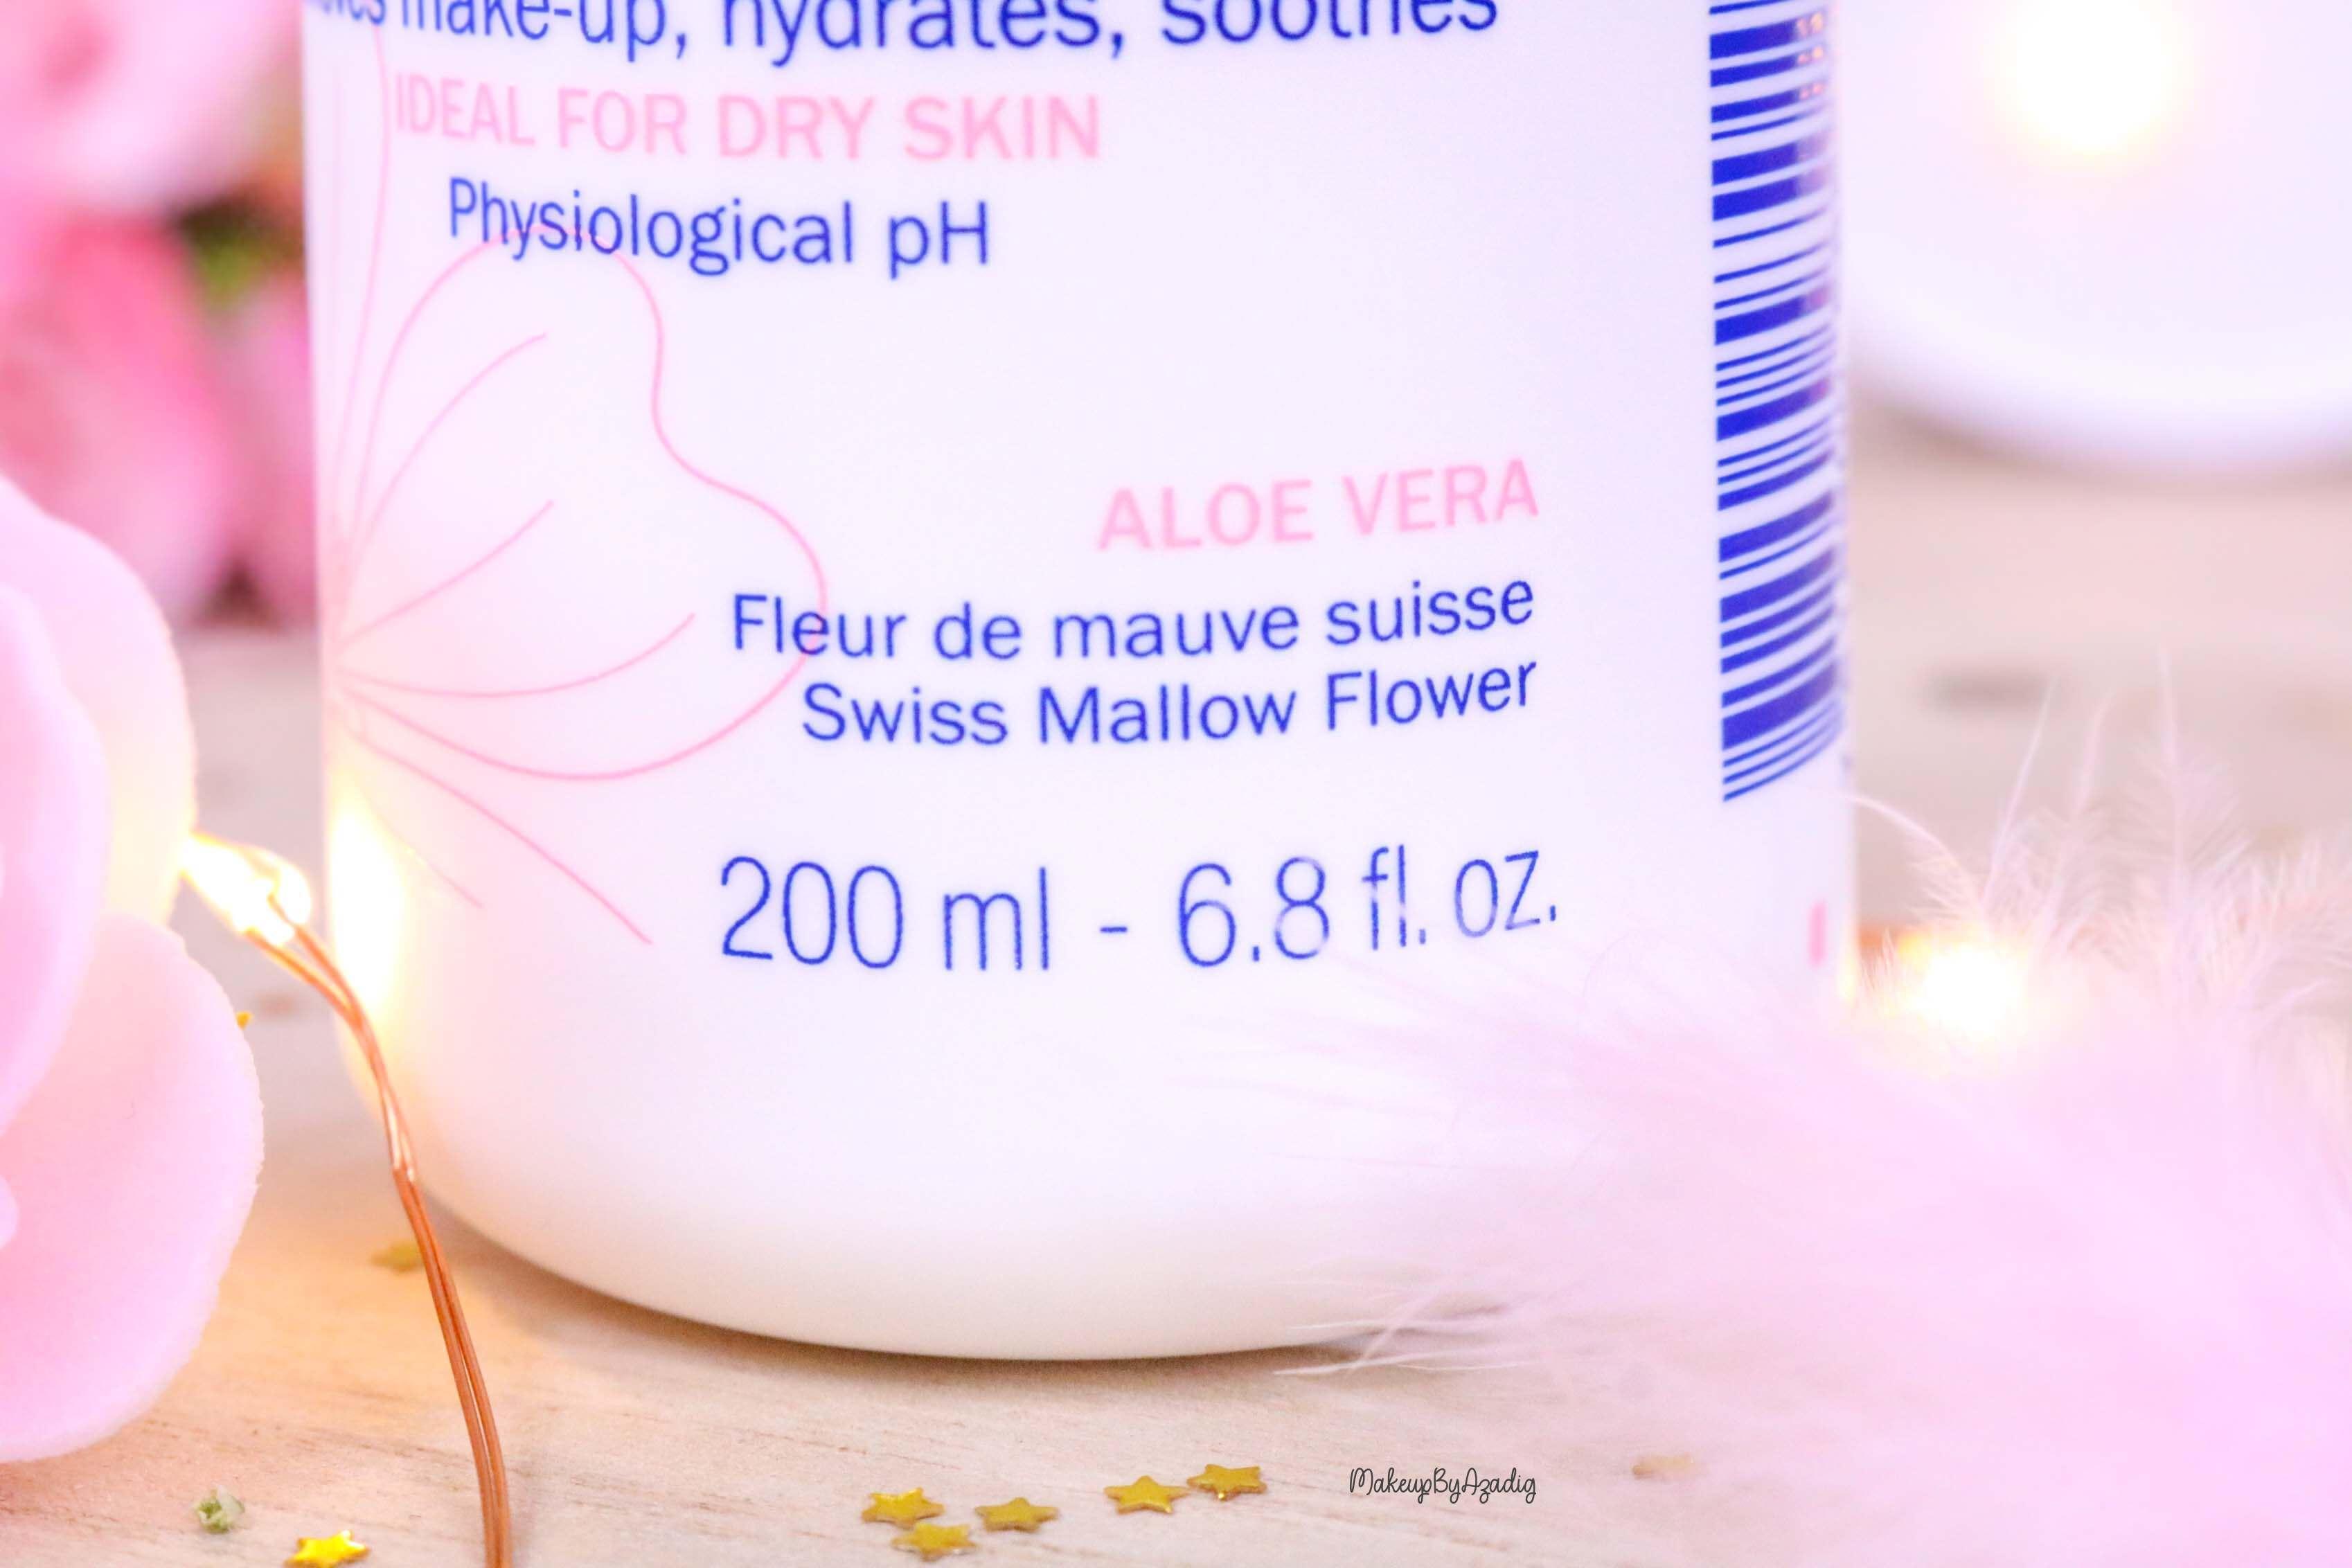 revue-routine-demaquillage-soin-confort-mavala-suisse-clean-lotion-tonique-lait-eau-micellaire-makeupbyazadig-aloe-vera